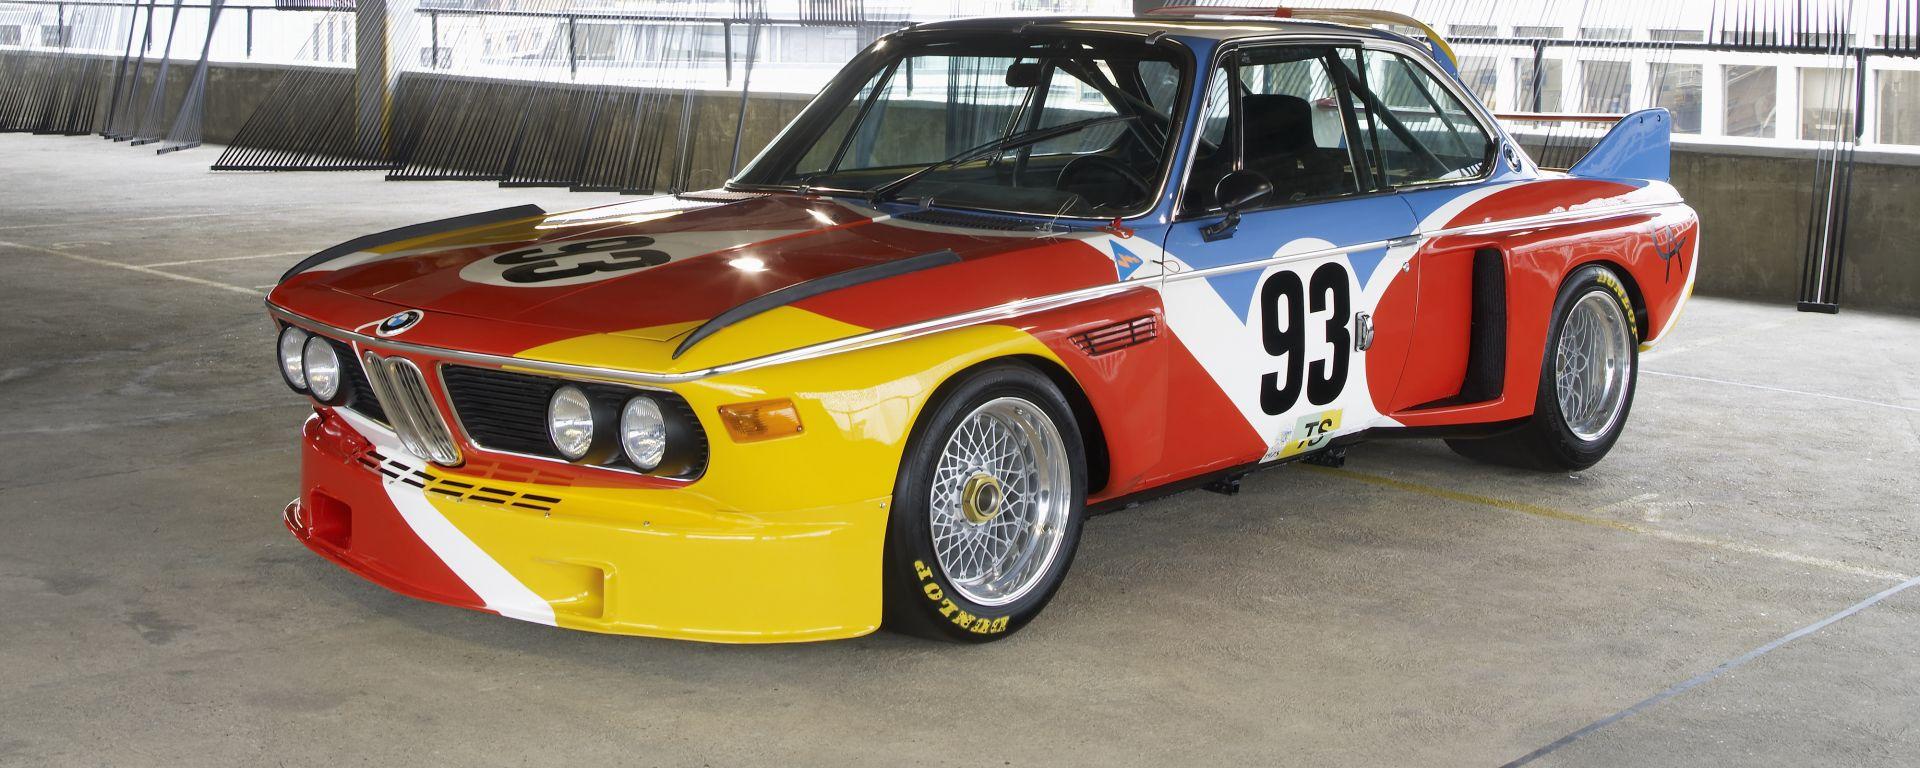 La BMW 3.0 CSL by Alexander Calder in mostra per La Milanesiana